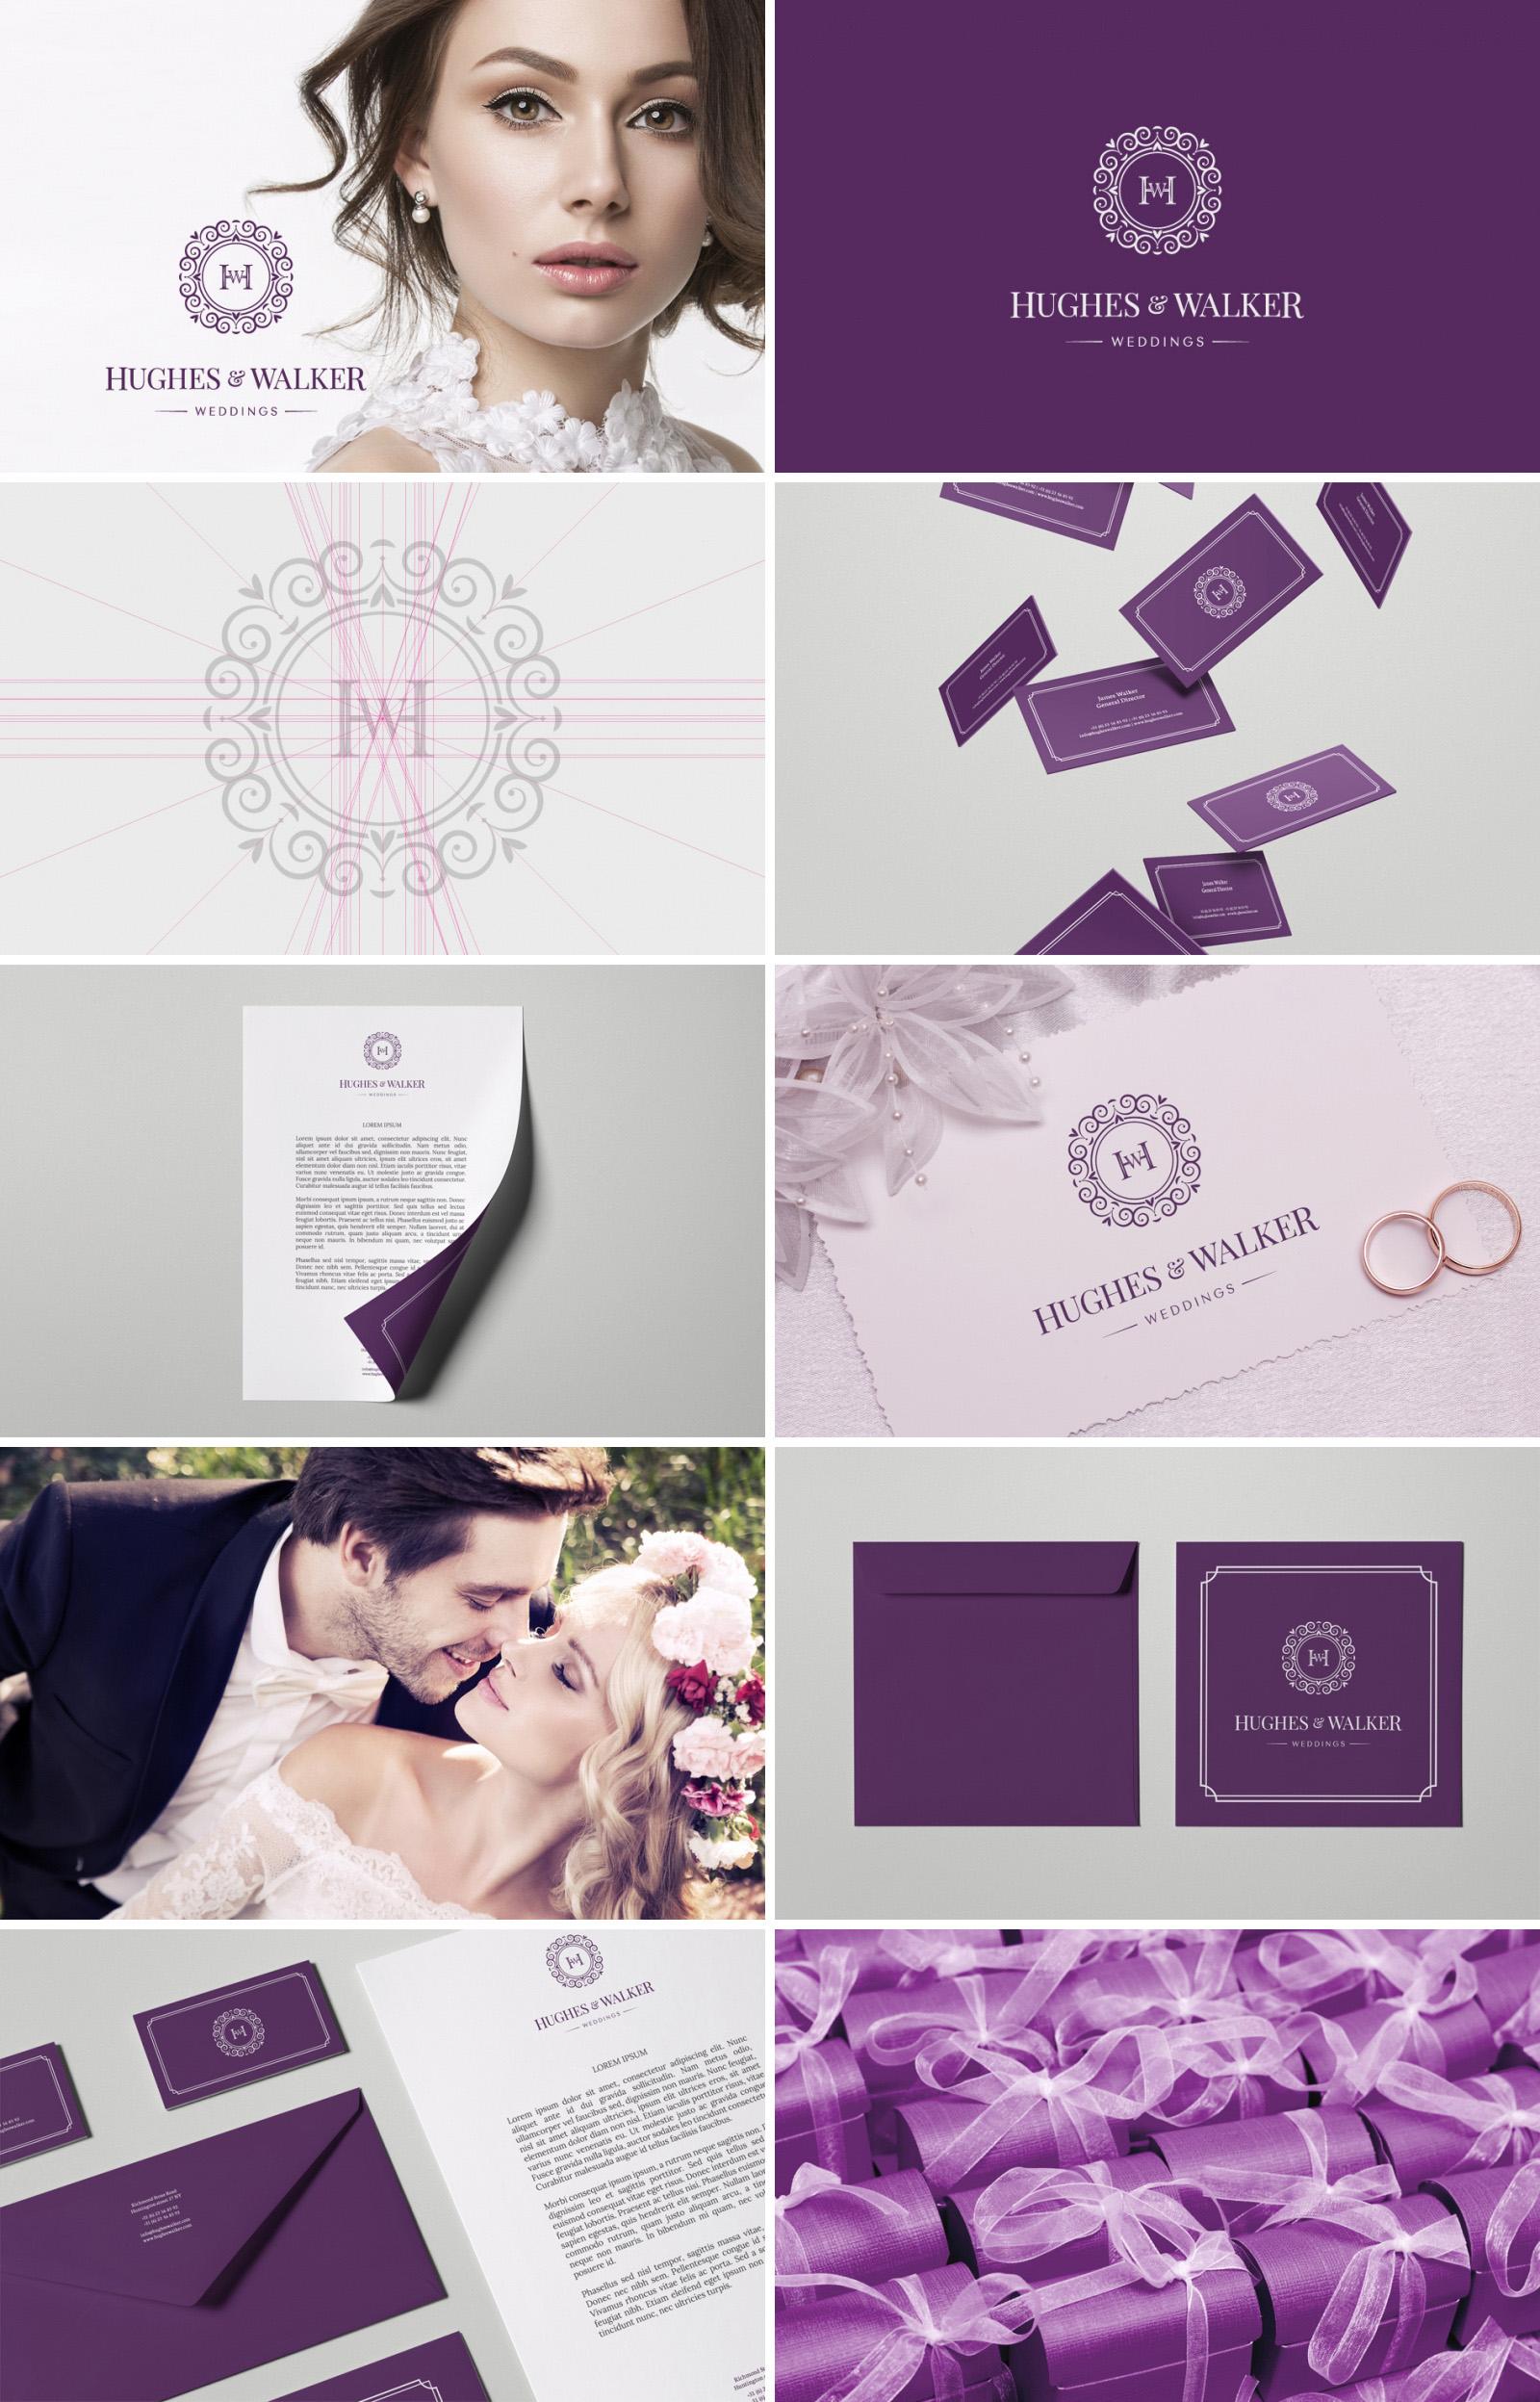 Фирменный стиль для свадебного агенства «Hughes & Walker»